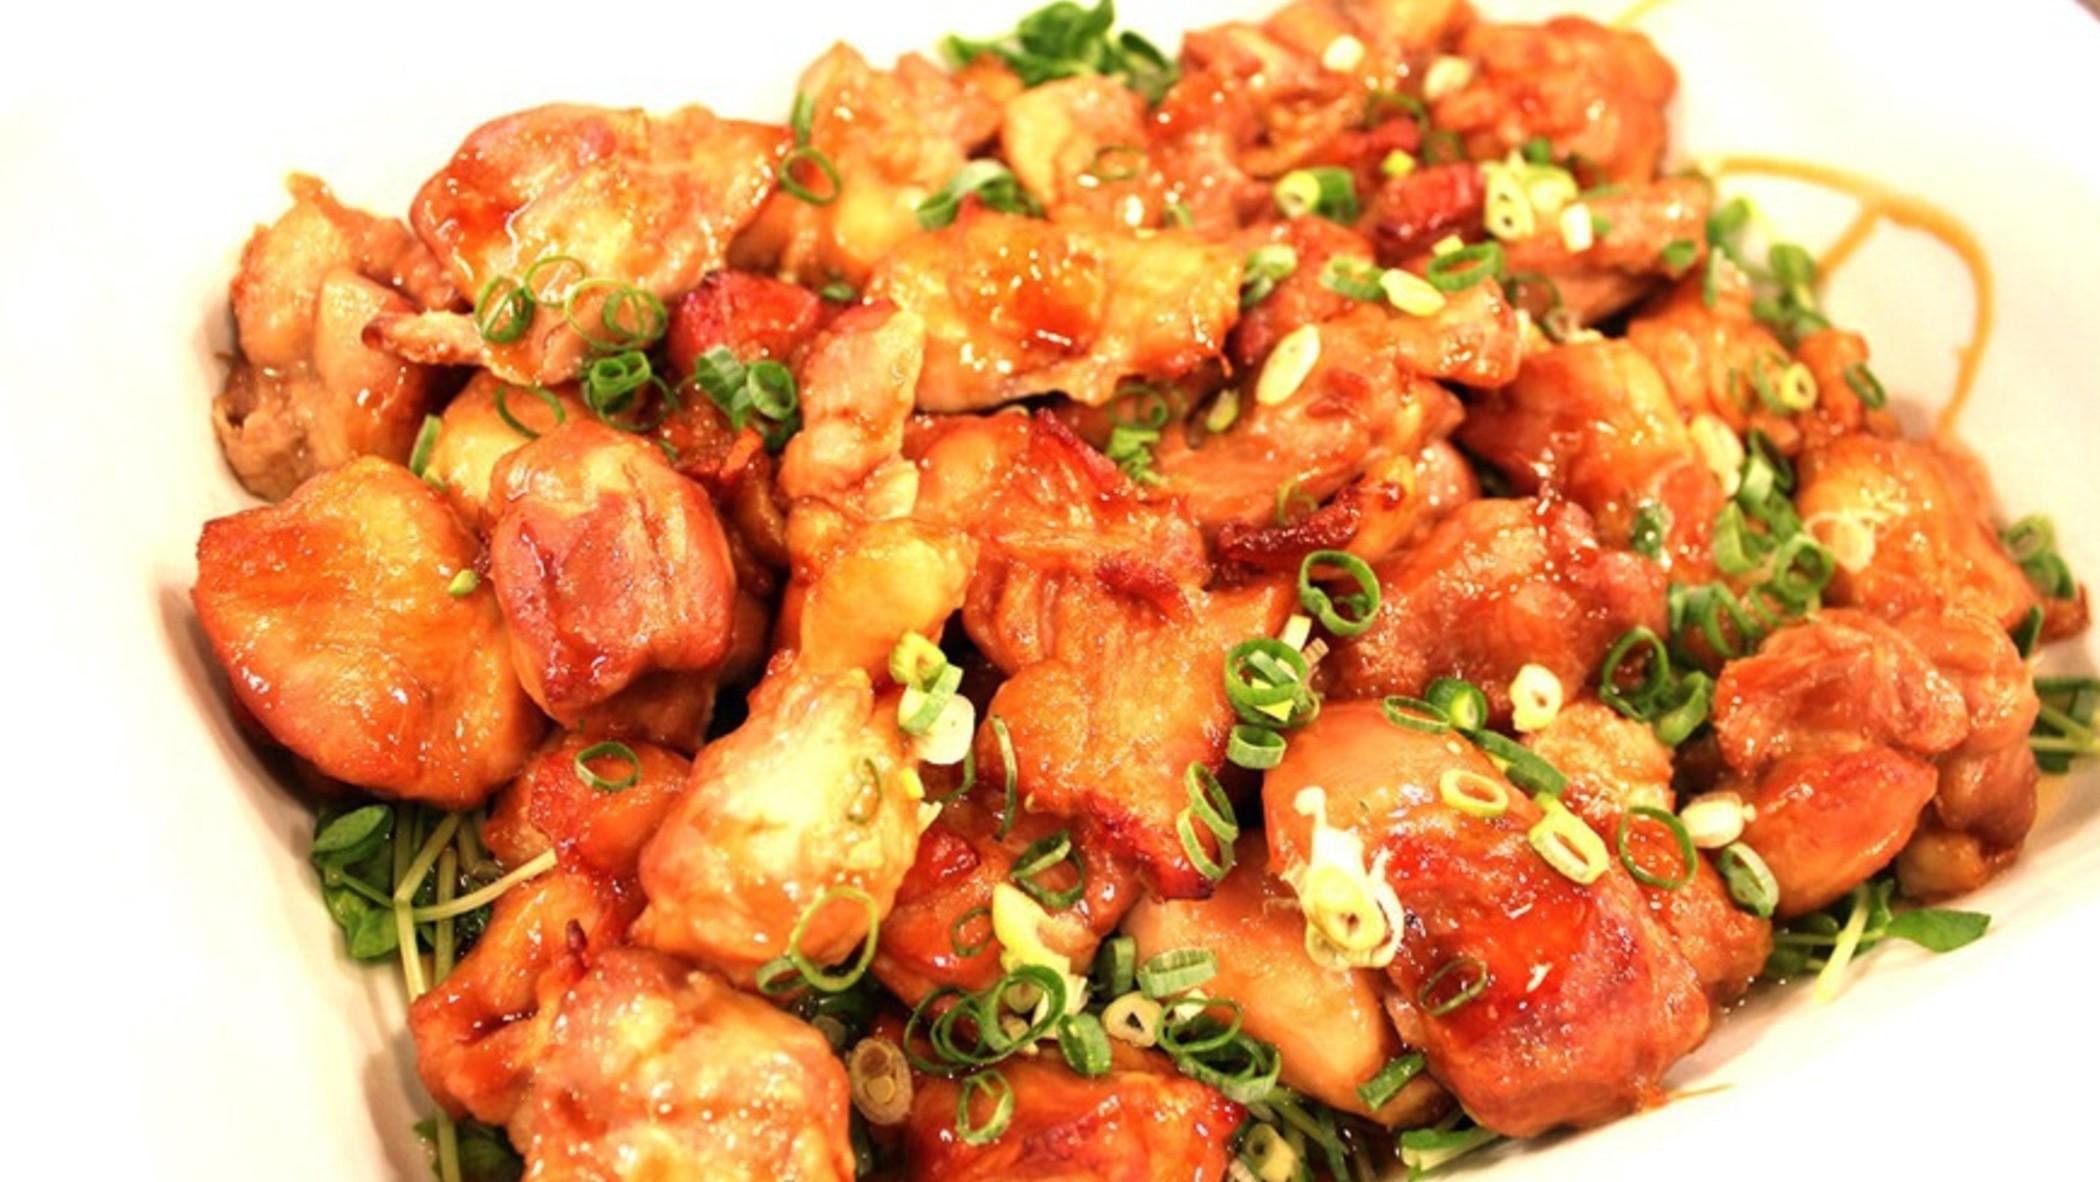 ◆メニュー充実の朝食バイキング(鶏肉料理)◆